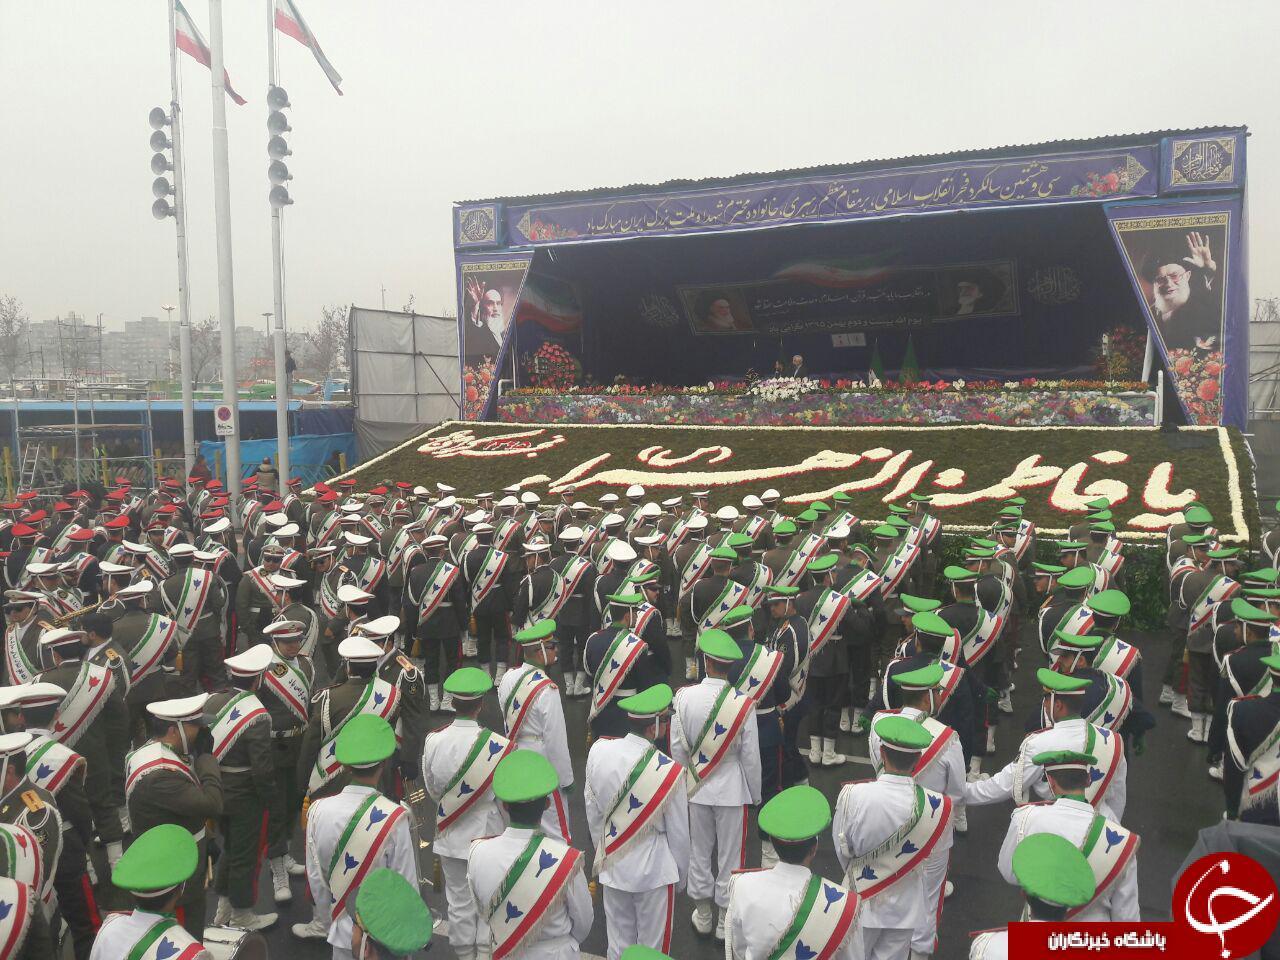 پاسخ تهدید آمریکاییها در راهپیمایی 22 بهمن داده شد/ نمایش اقتدار ملی در خیابان آزادی + تصاویر